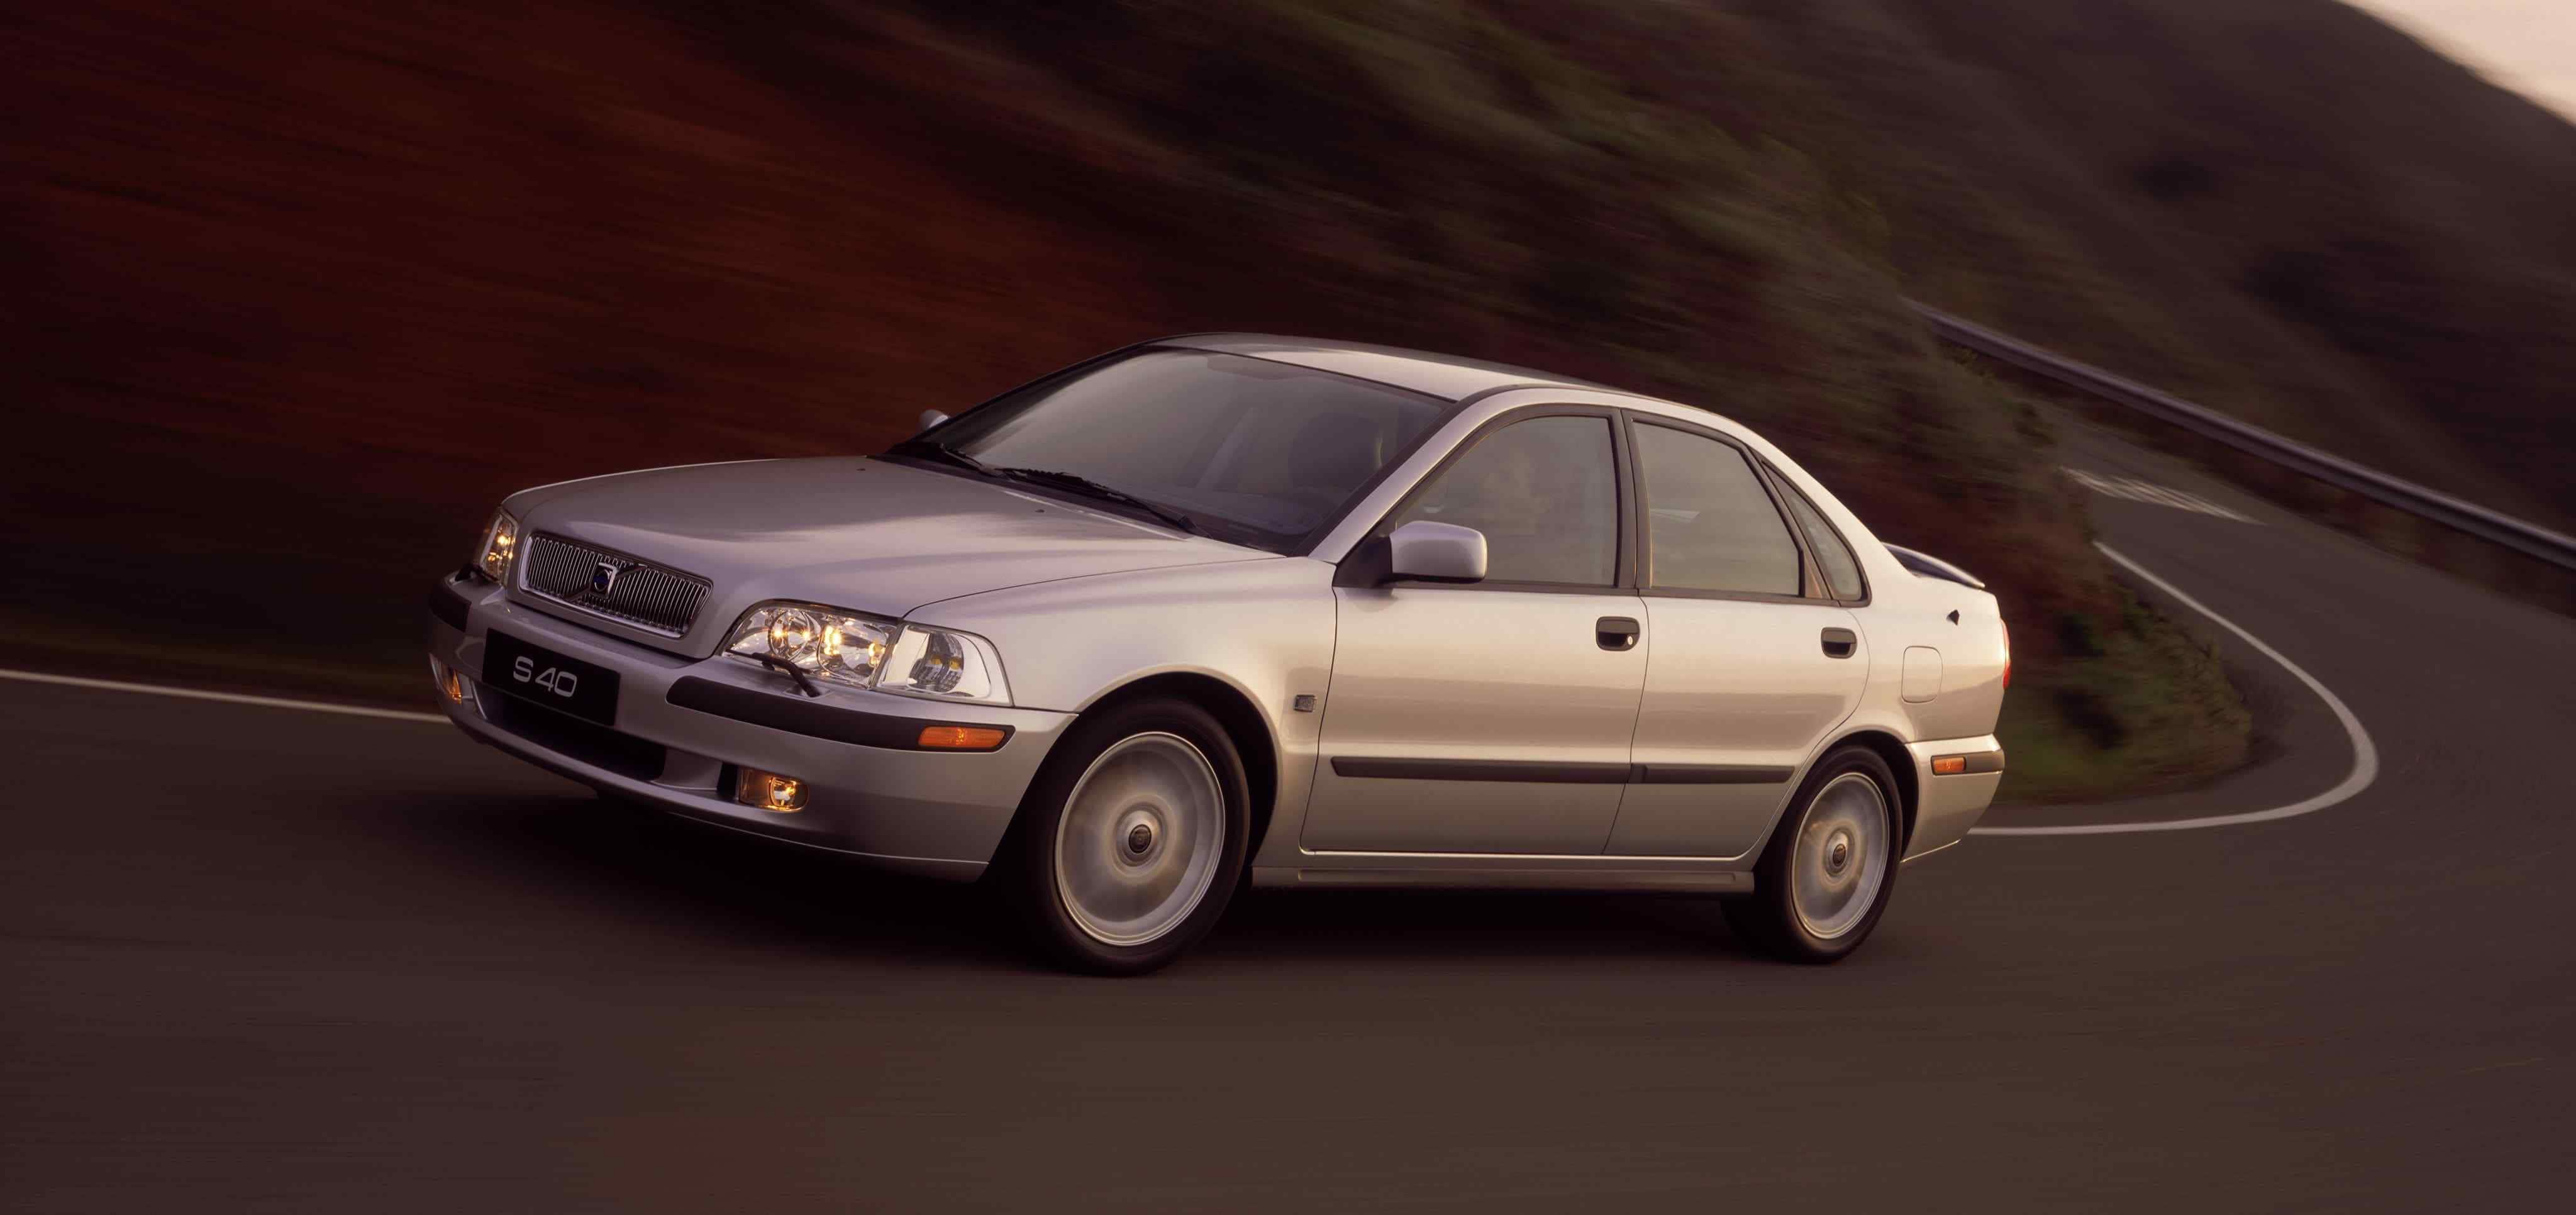 Un Volvo S40 primera generación de color plata junto a una carretera en curva